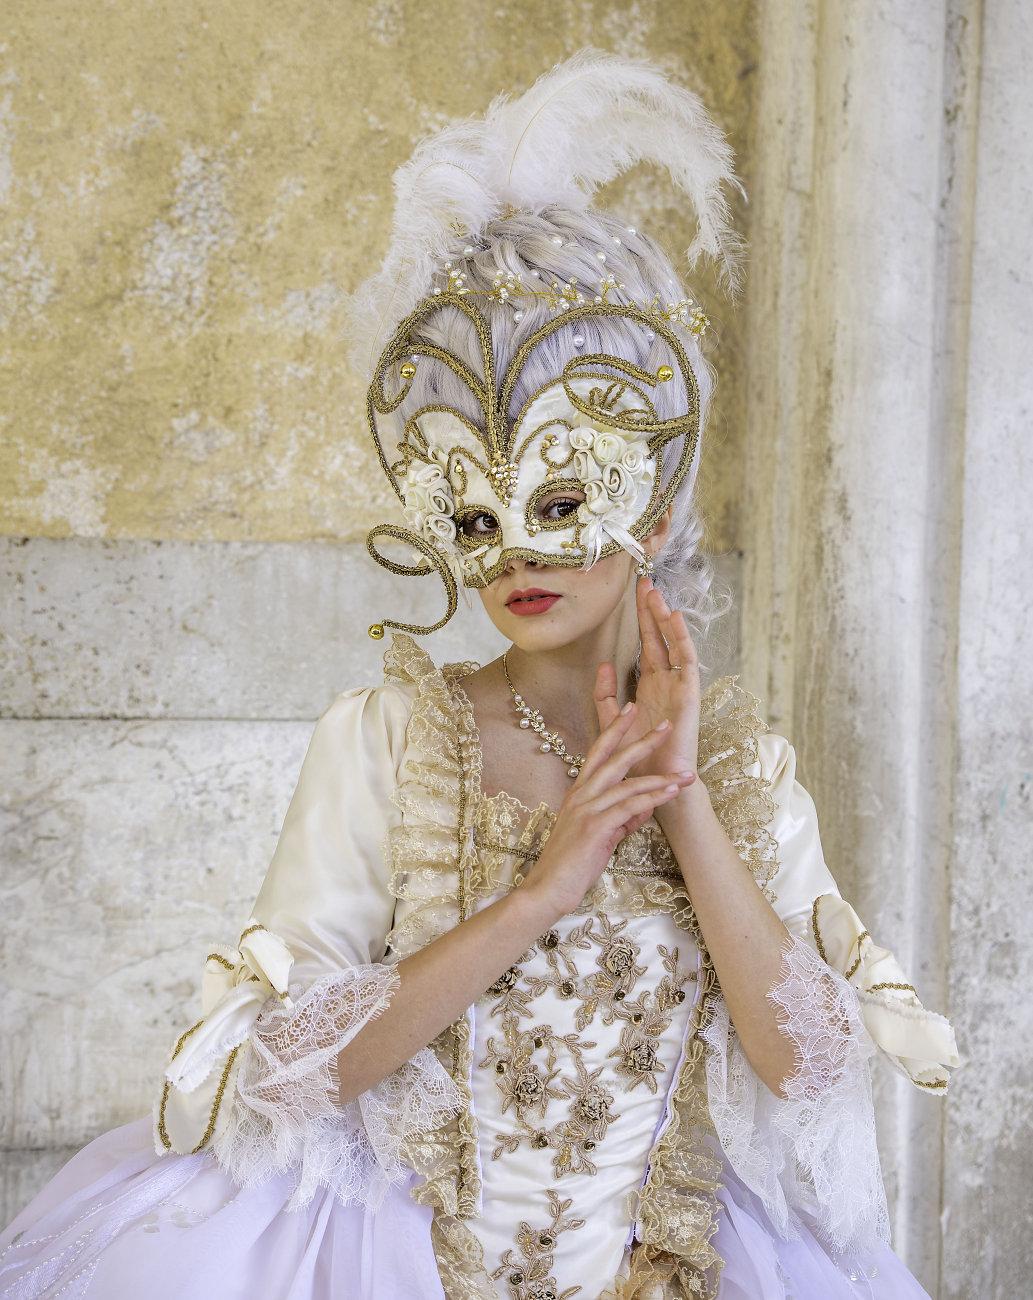 Venice Carnival 2020 - Part 8 - Cristina Spagnolo